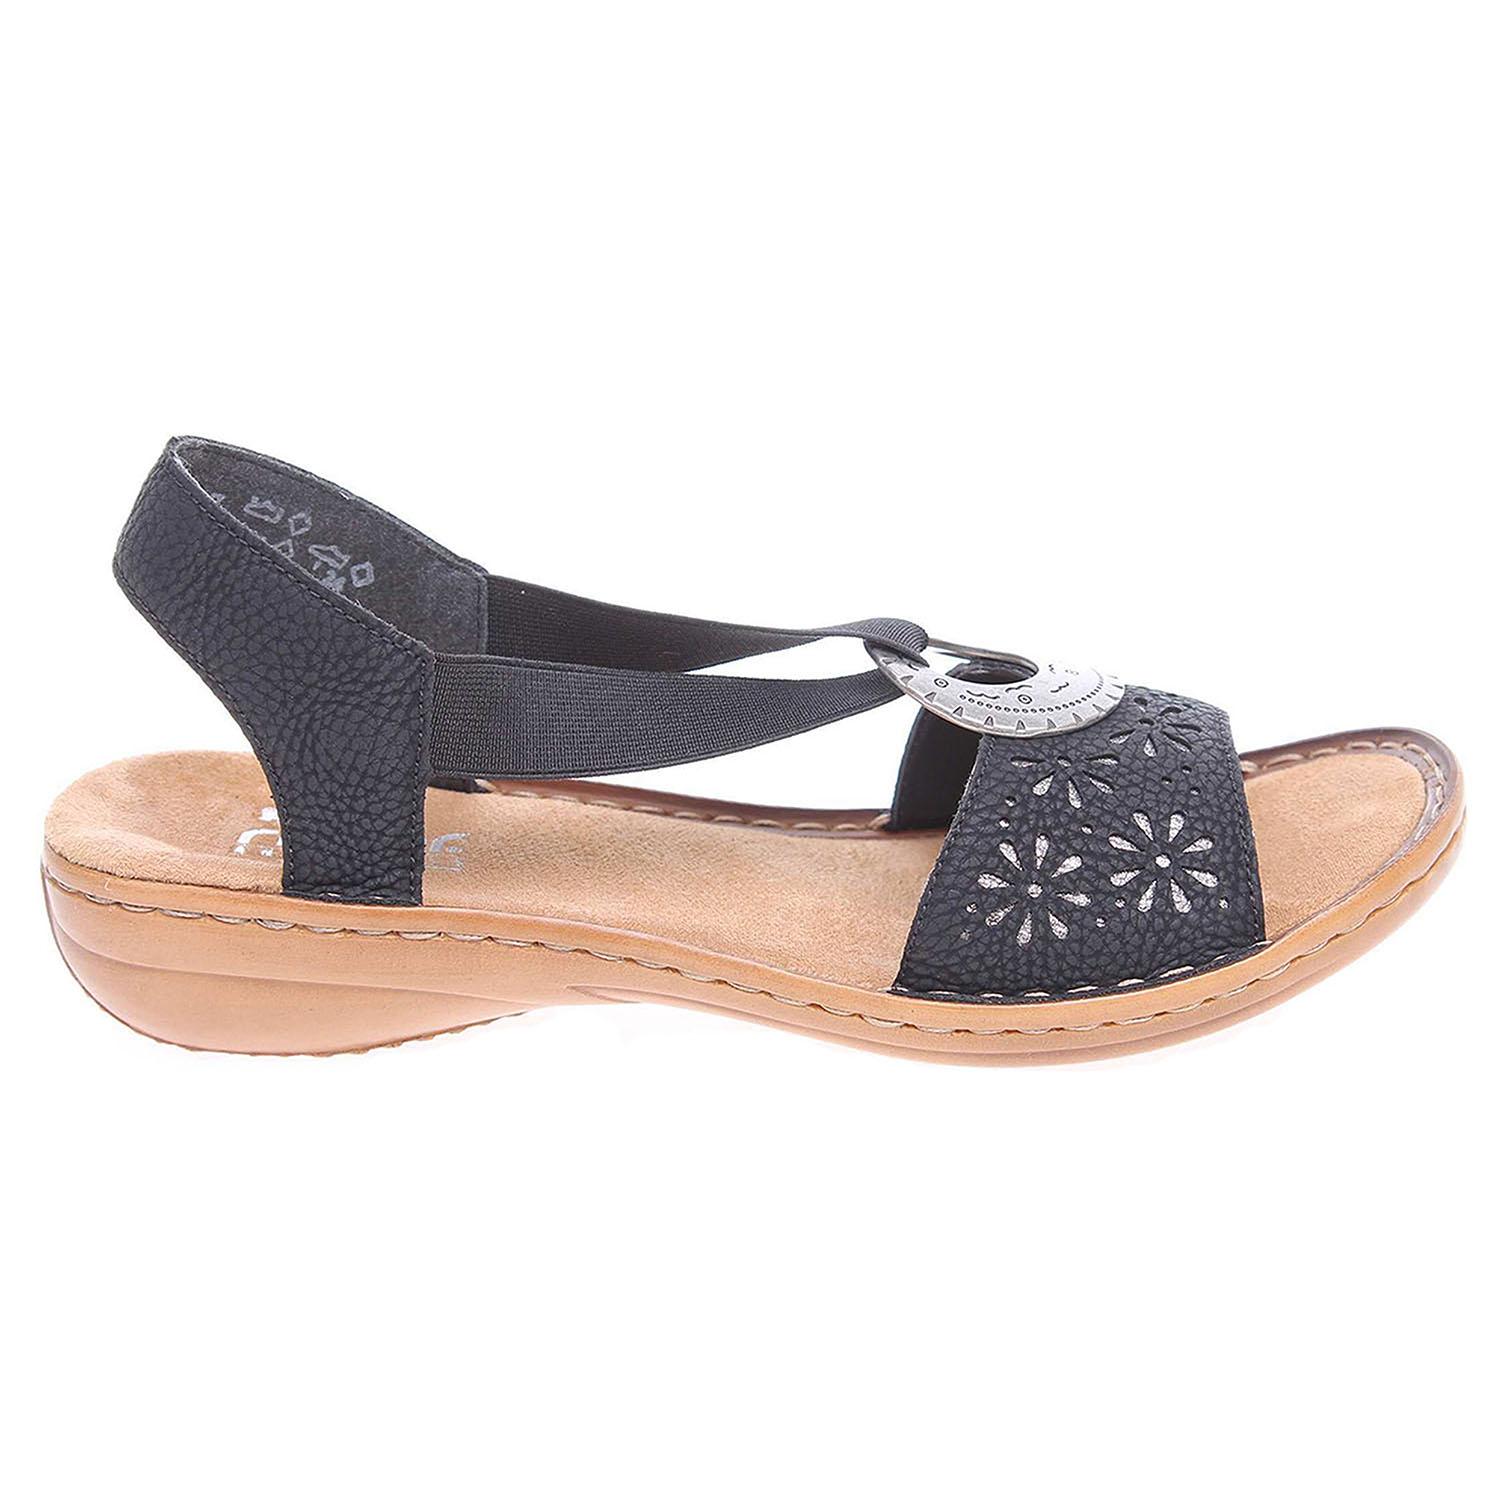 Ecco Rieker dámské sandály 60886-00 černé 23801117